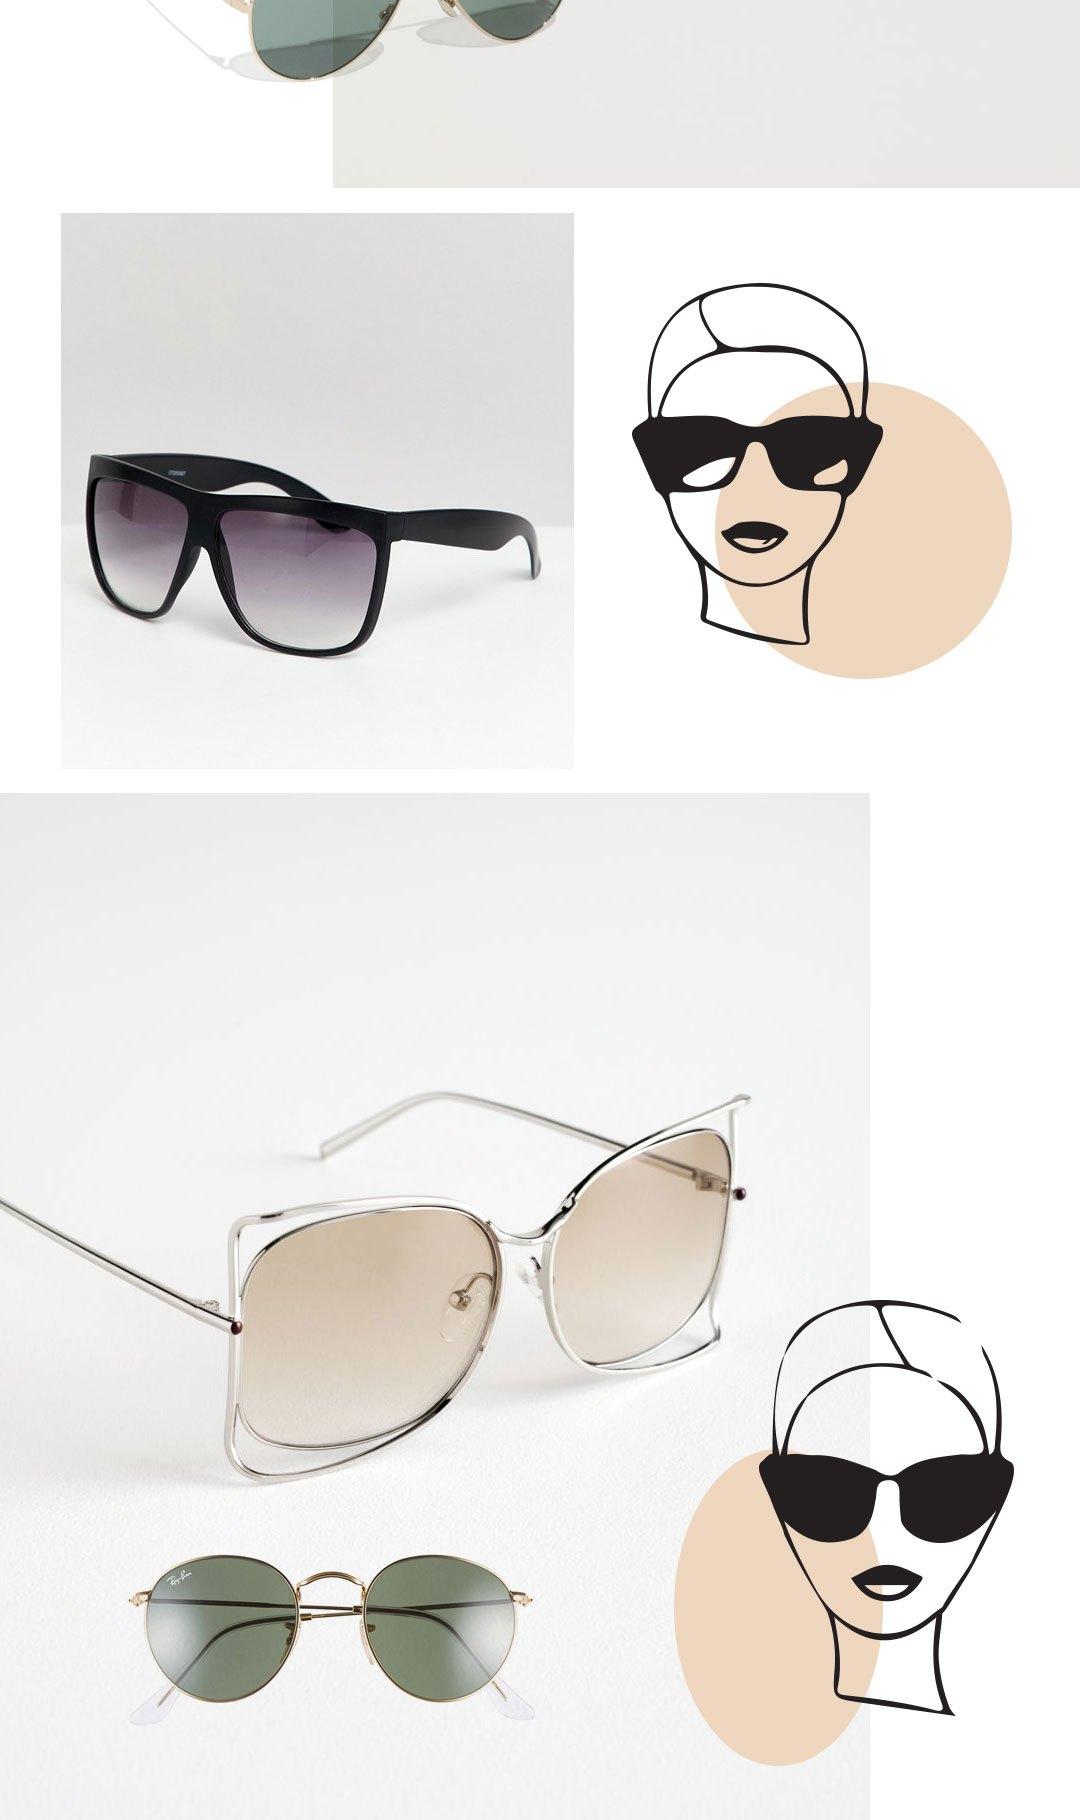 Welches Gesicht passt zu welcher Sonnenbrille